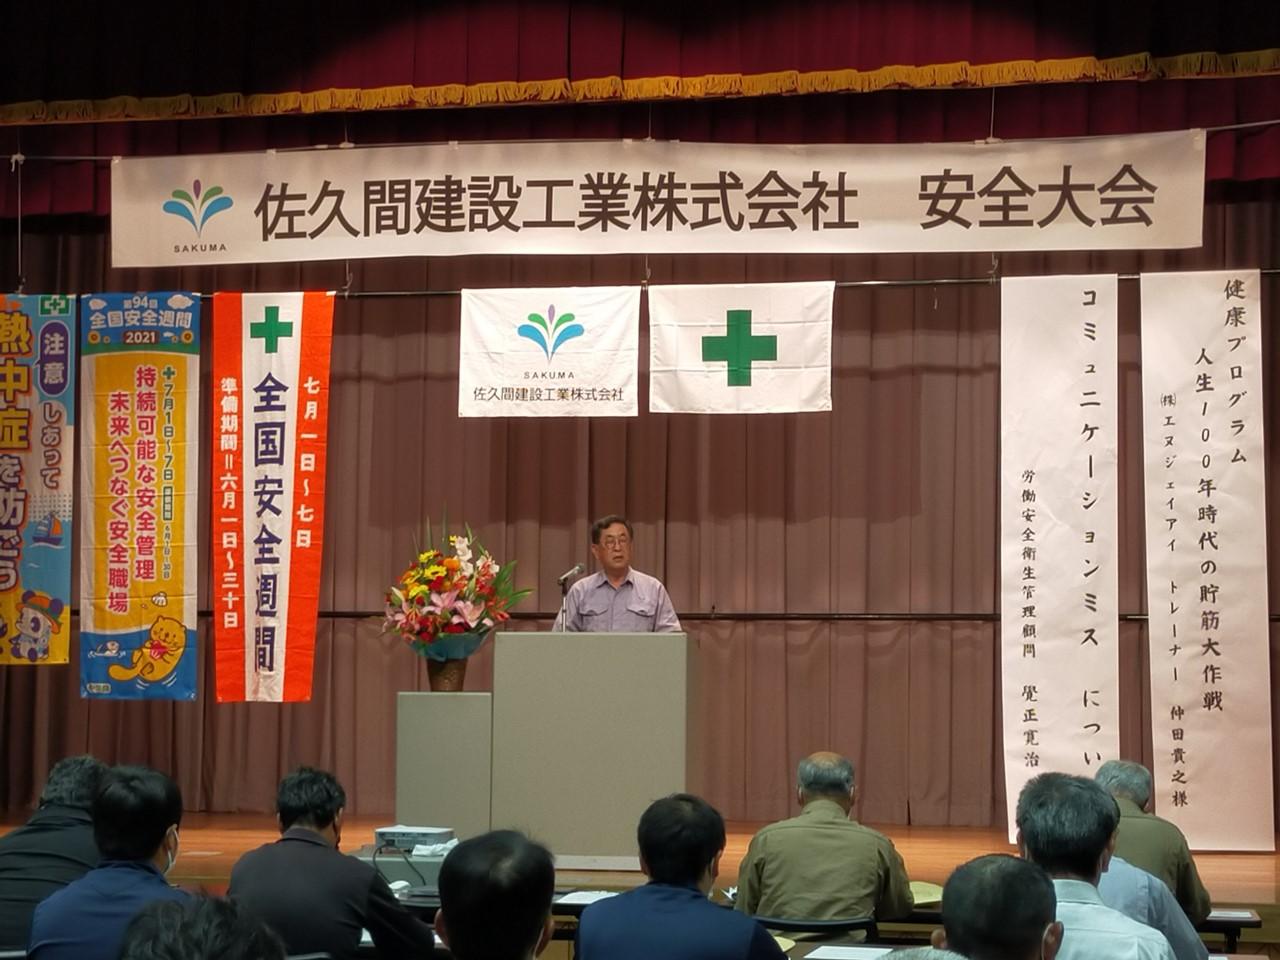 令和3年度 安全大会の開催